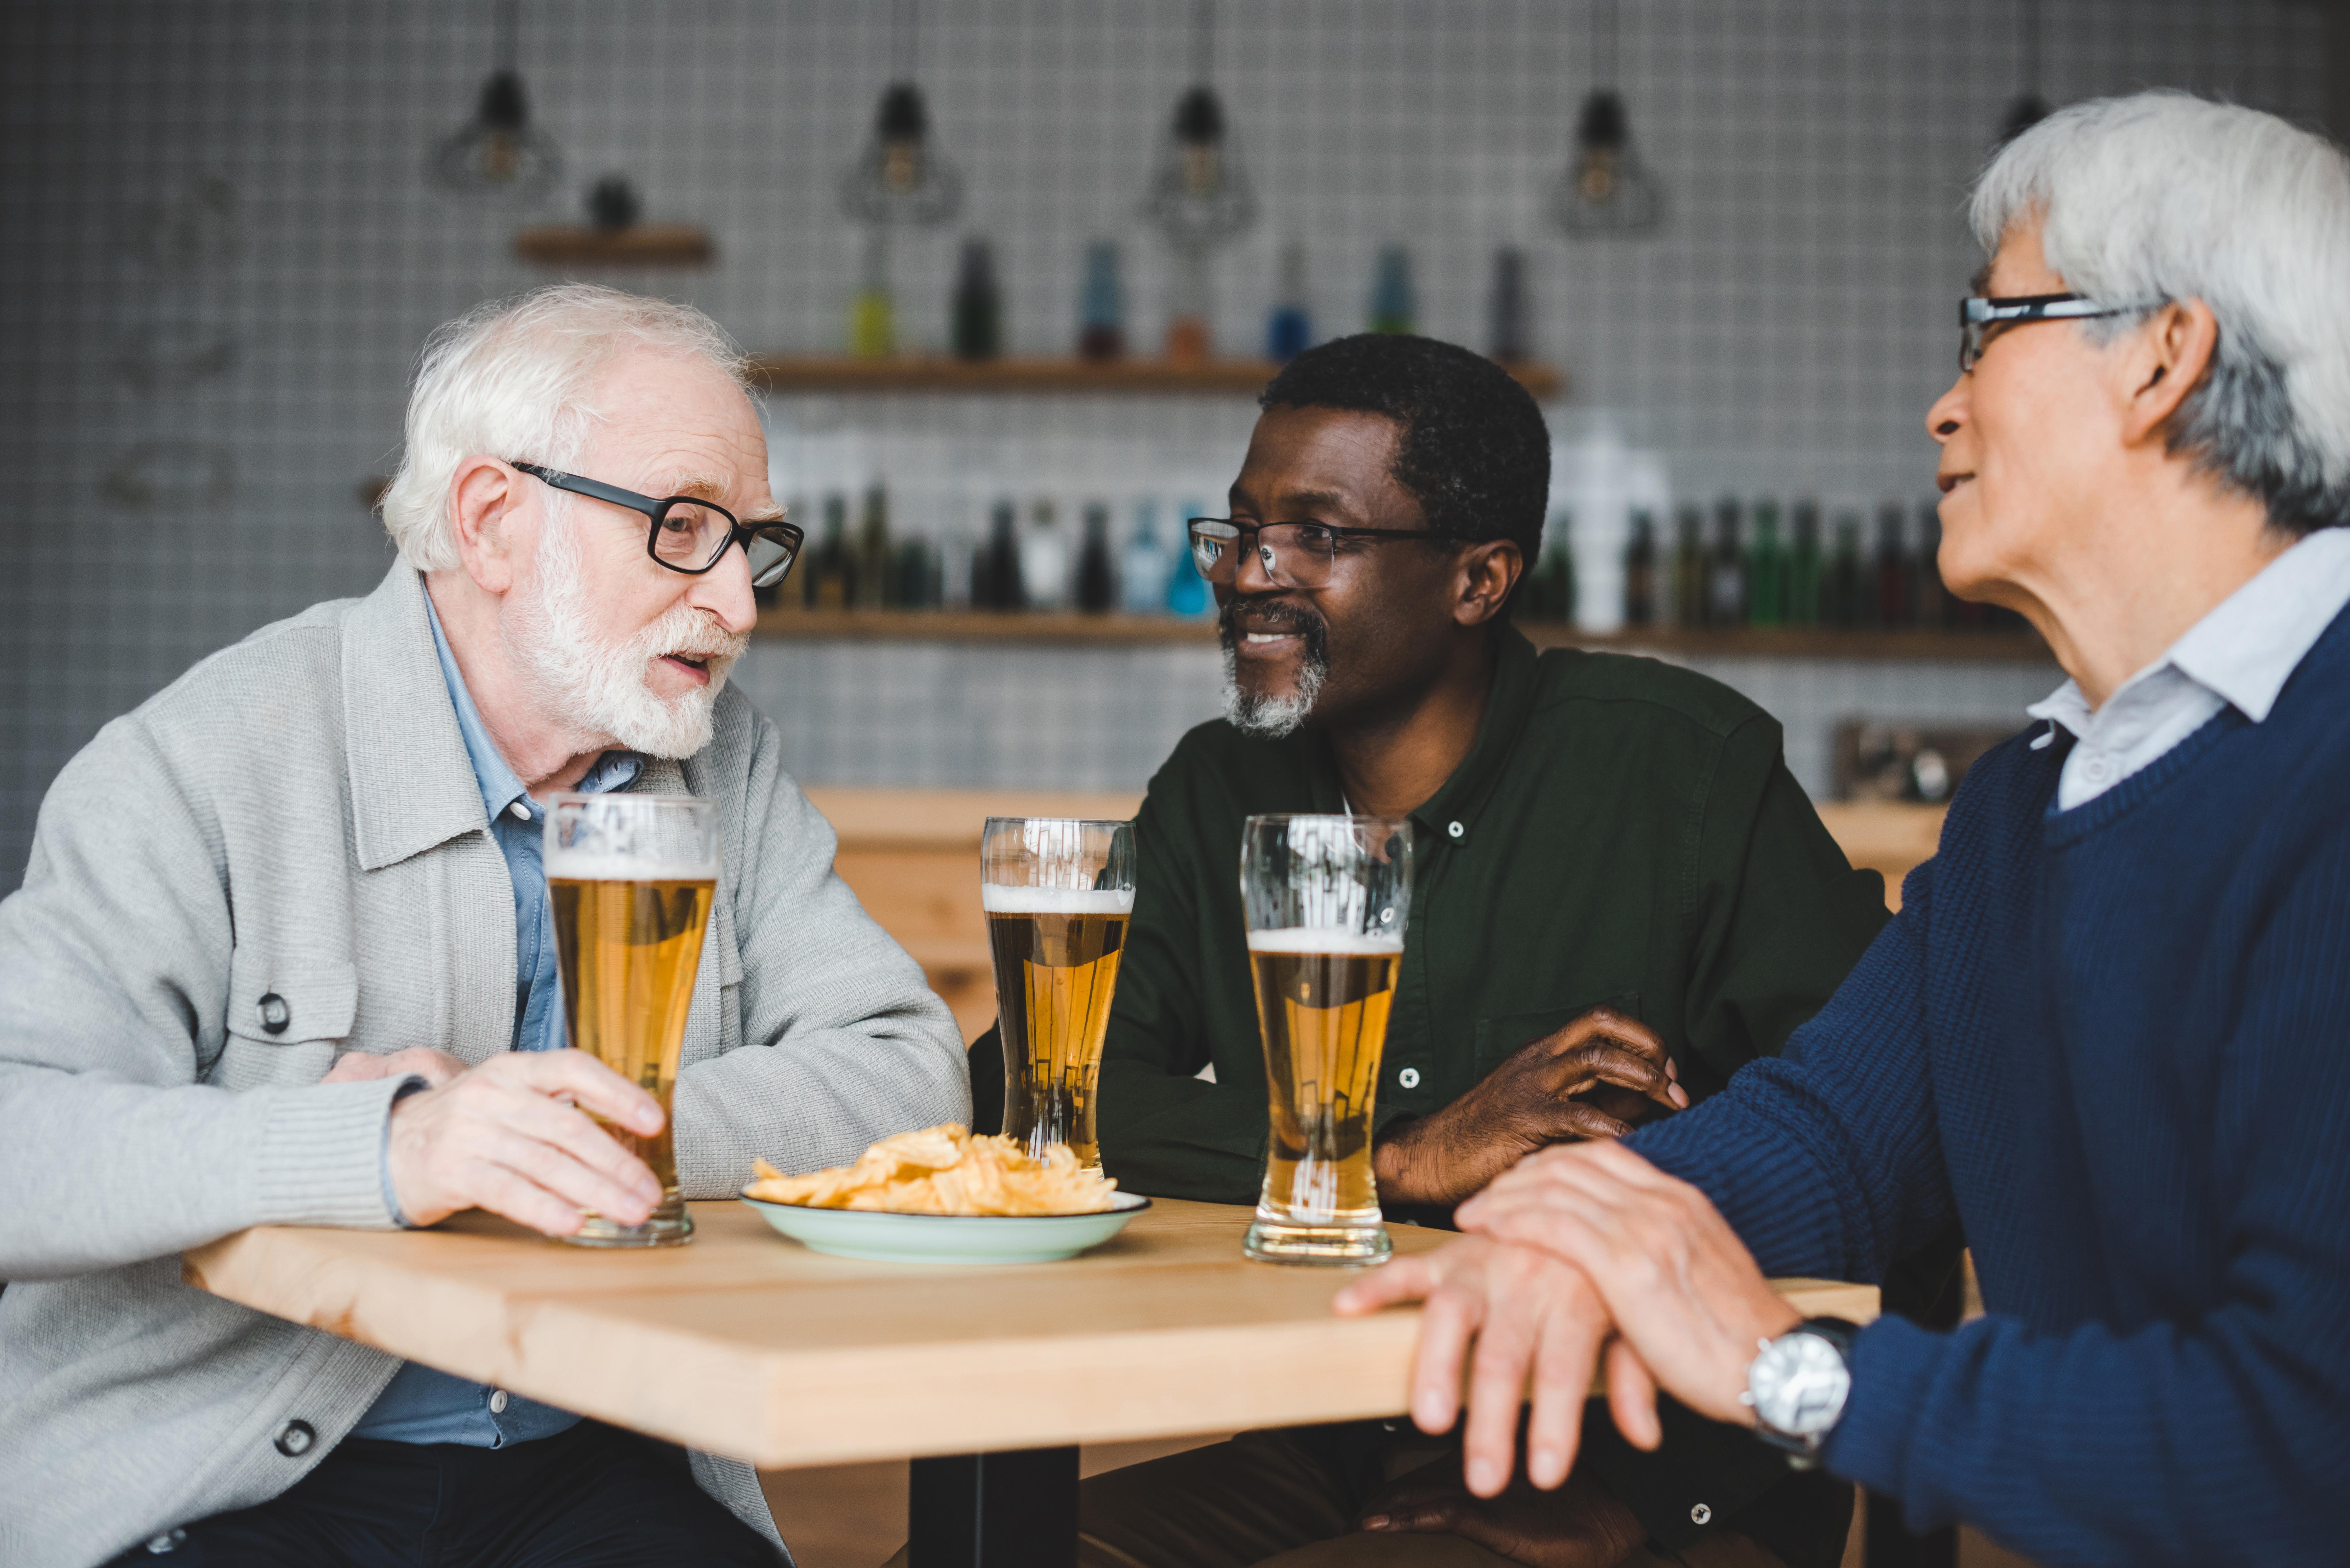 Studien visar en signifikant koppling mellan högre alkoholintag och ökad risk för venös trombos hos män.